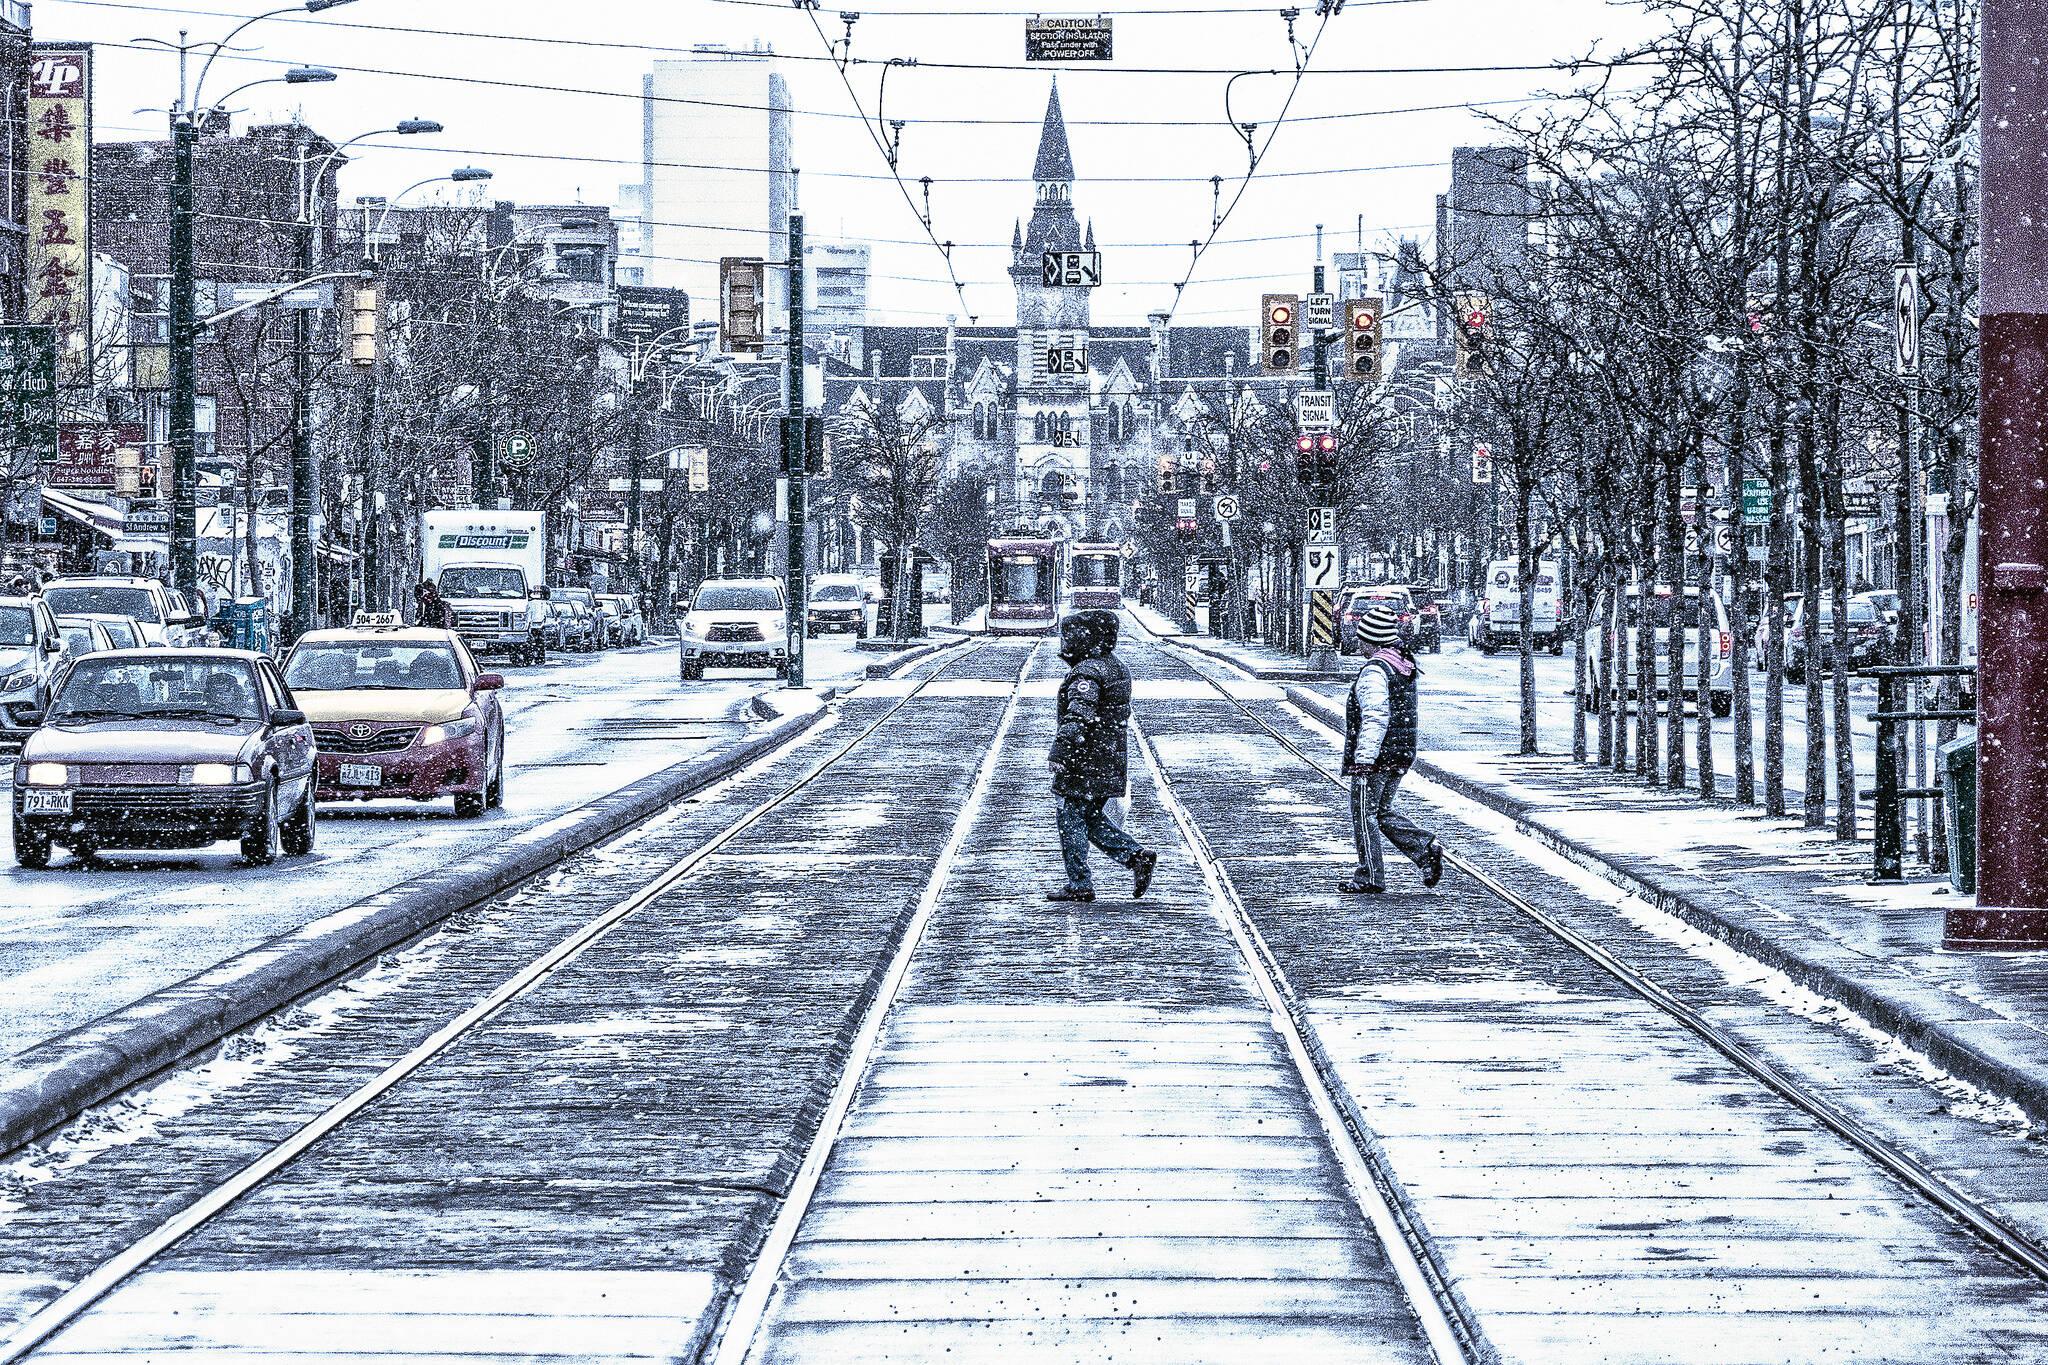 toronto snow january